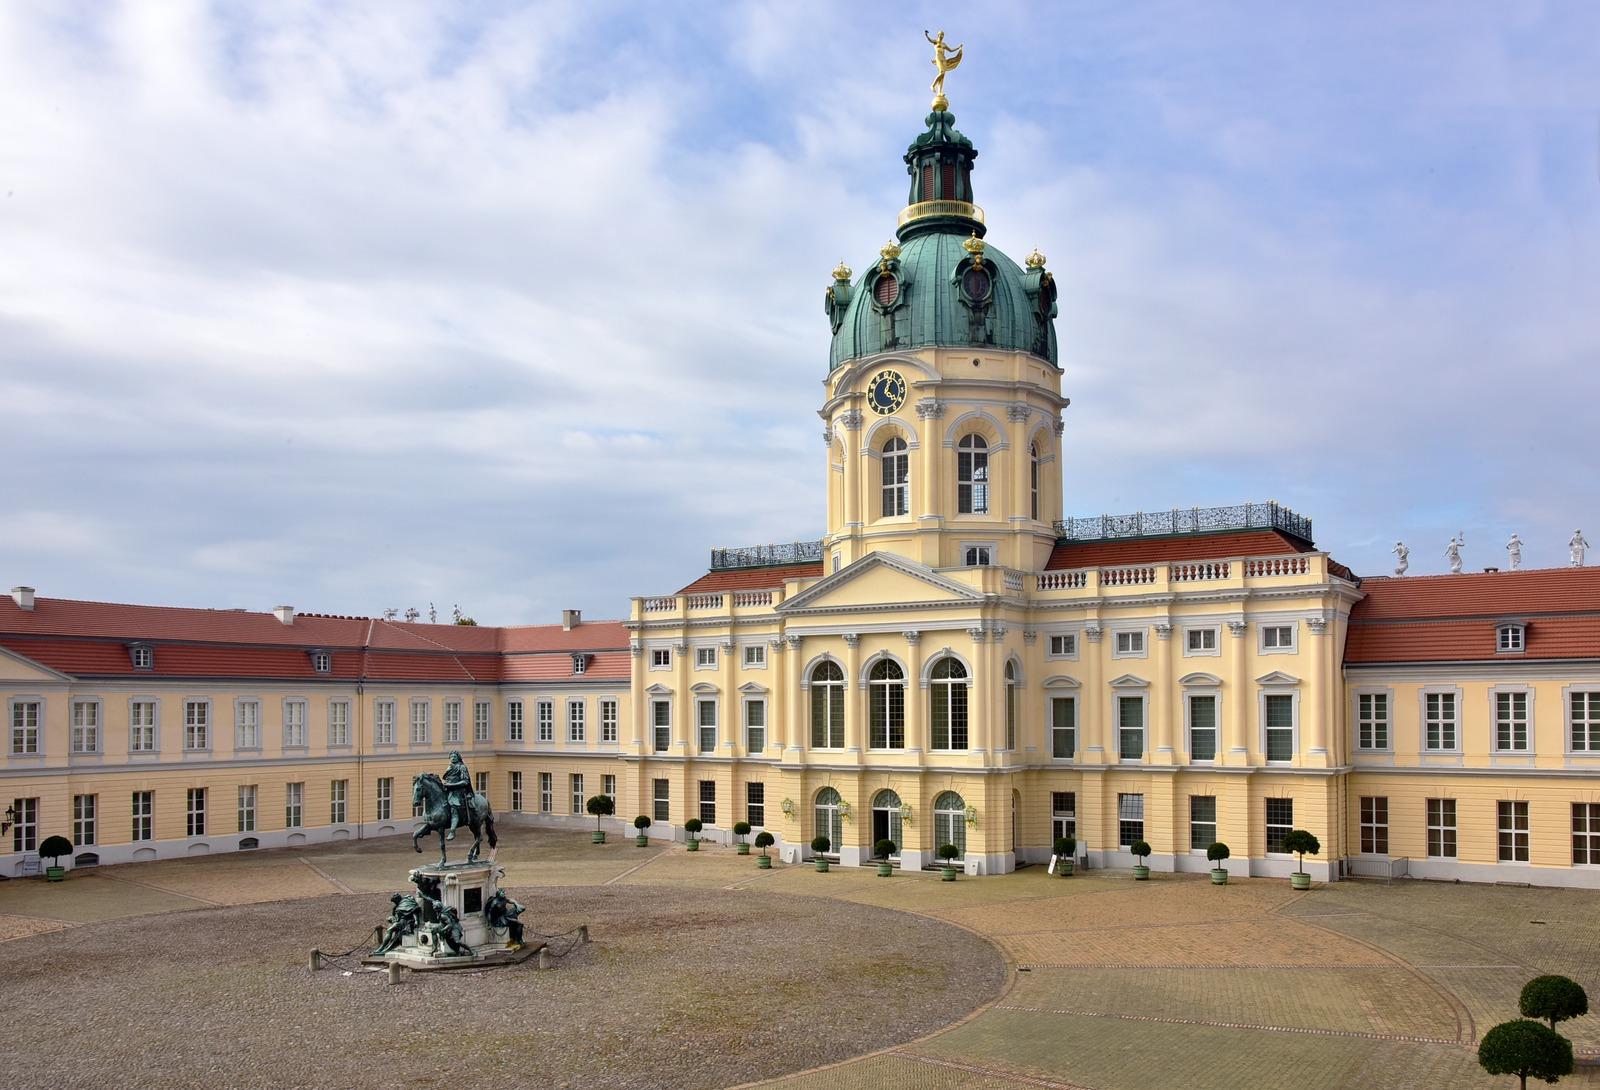 Photo of Schloss Charlottenburg